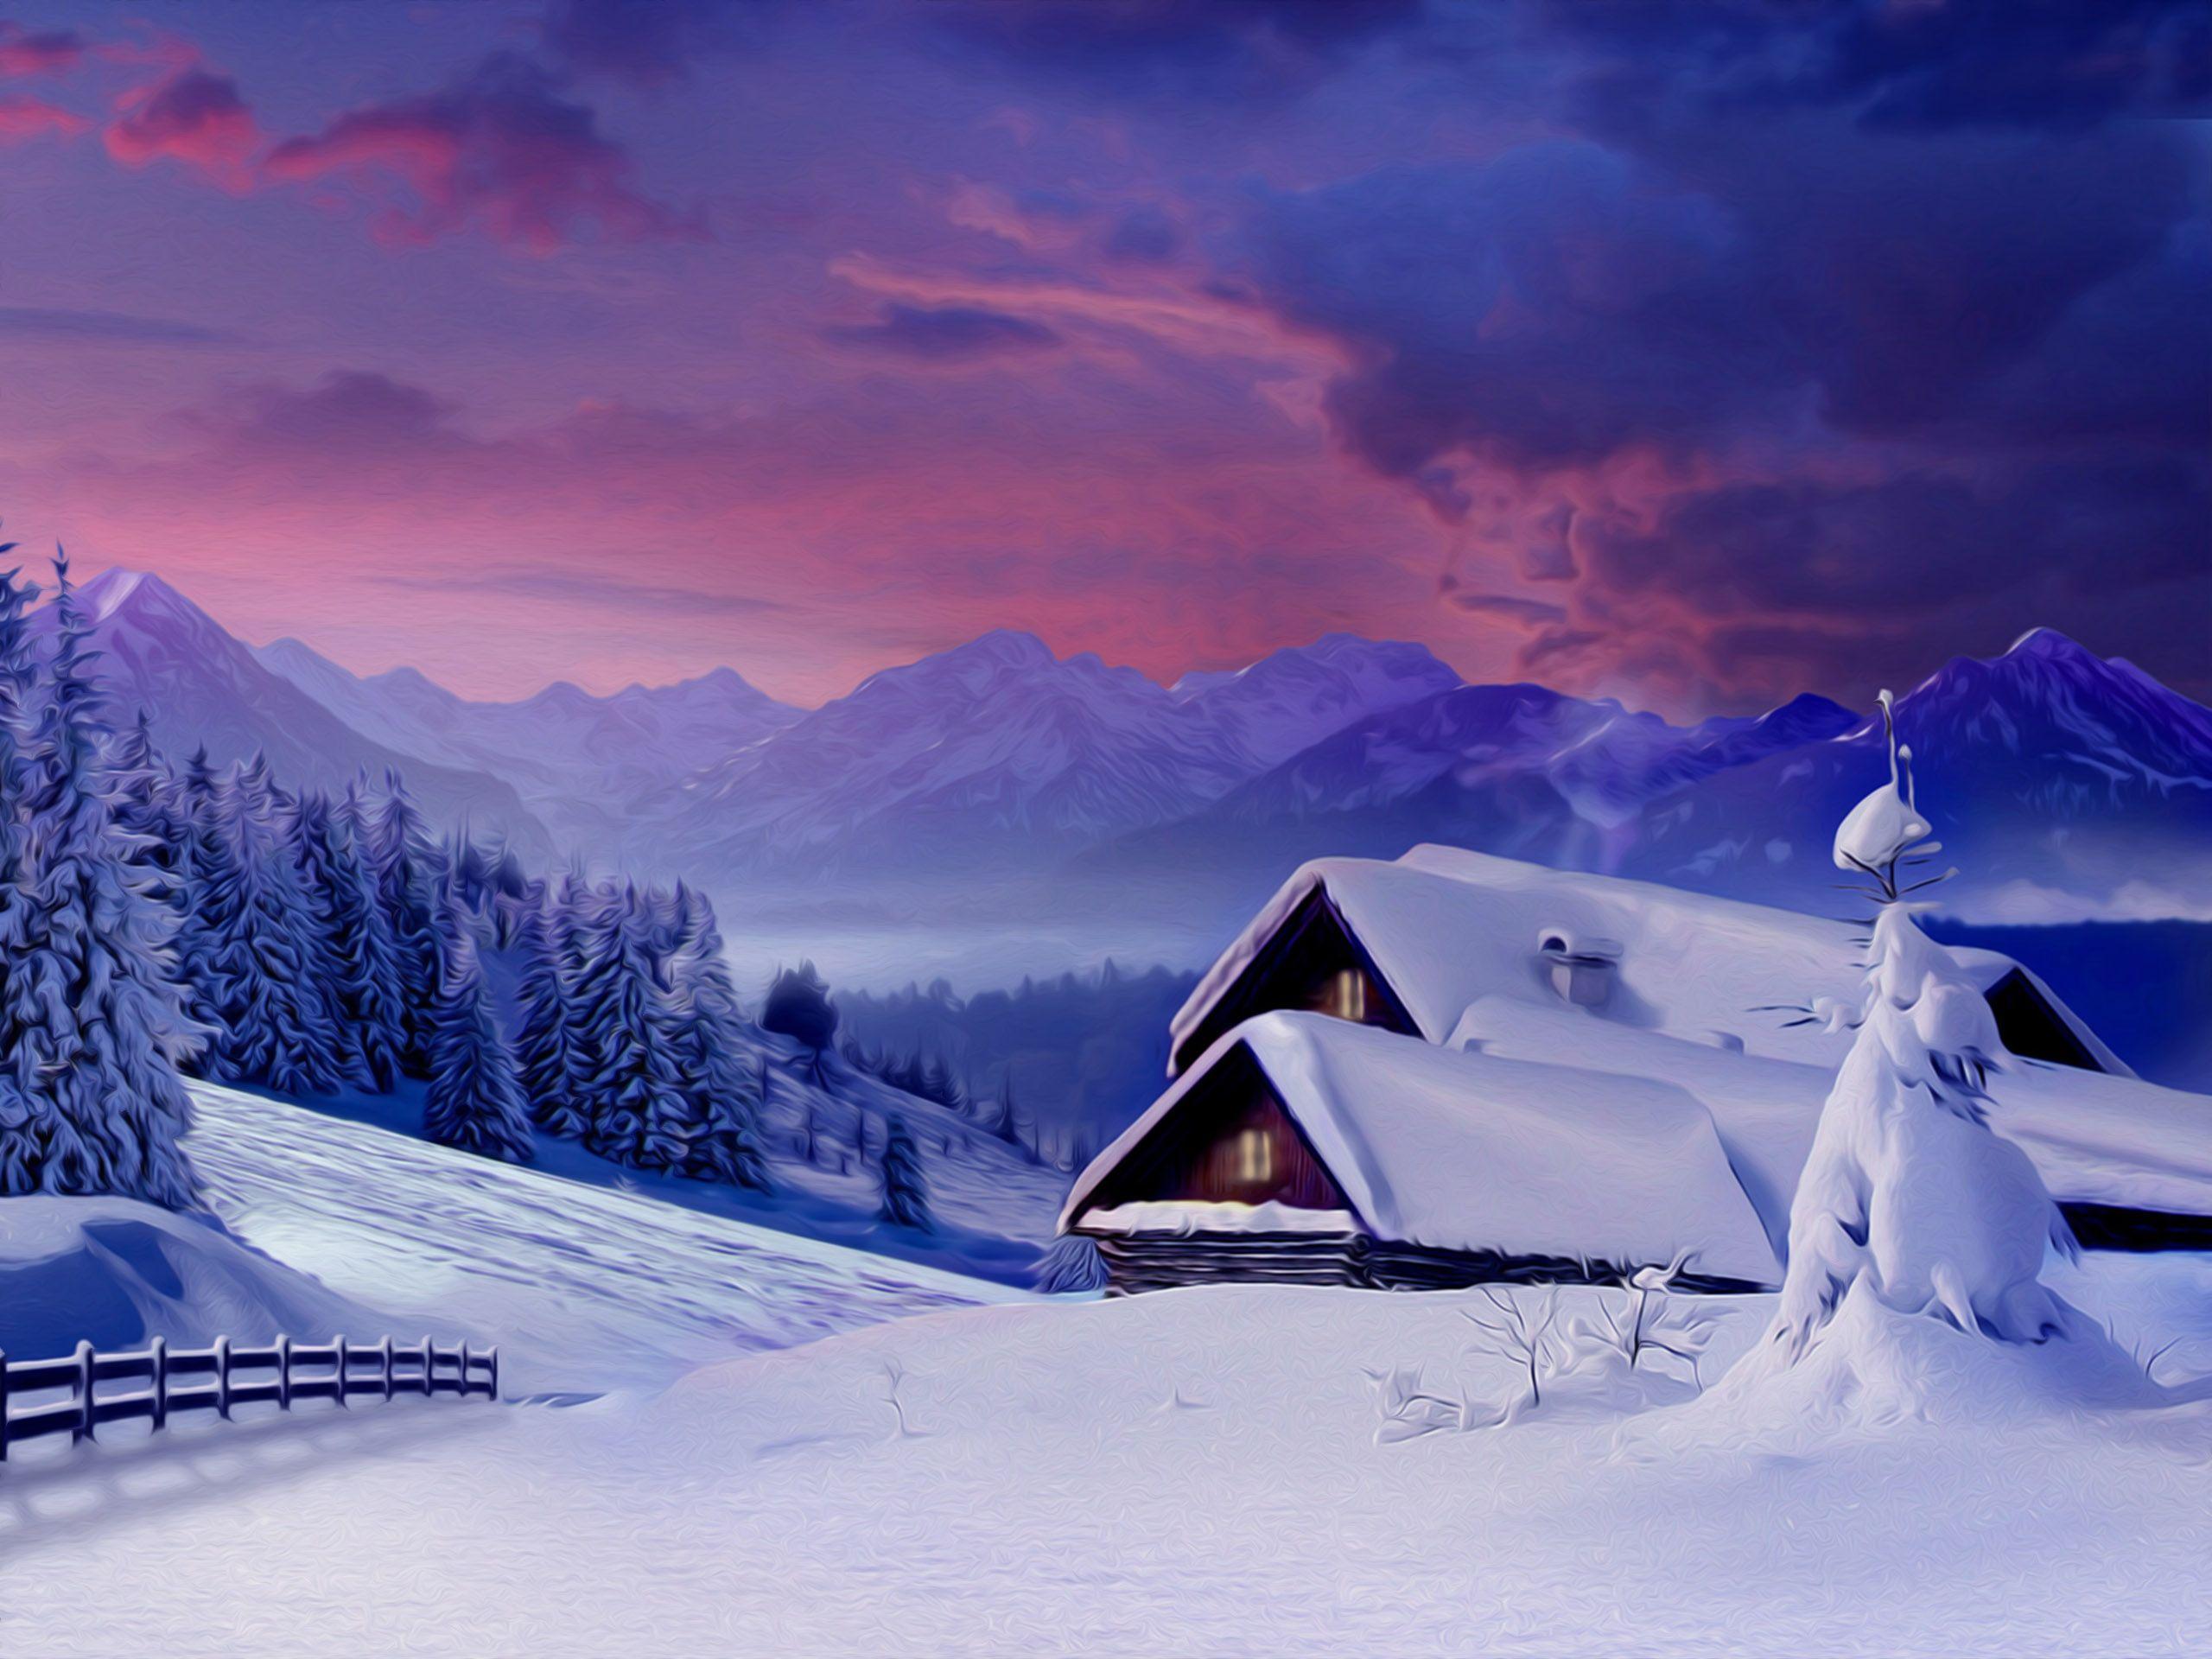 winter snow scene pictures snow wallpapers desktop